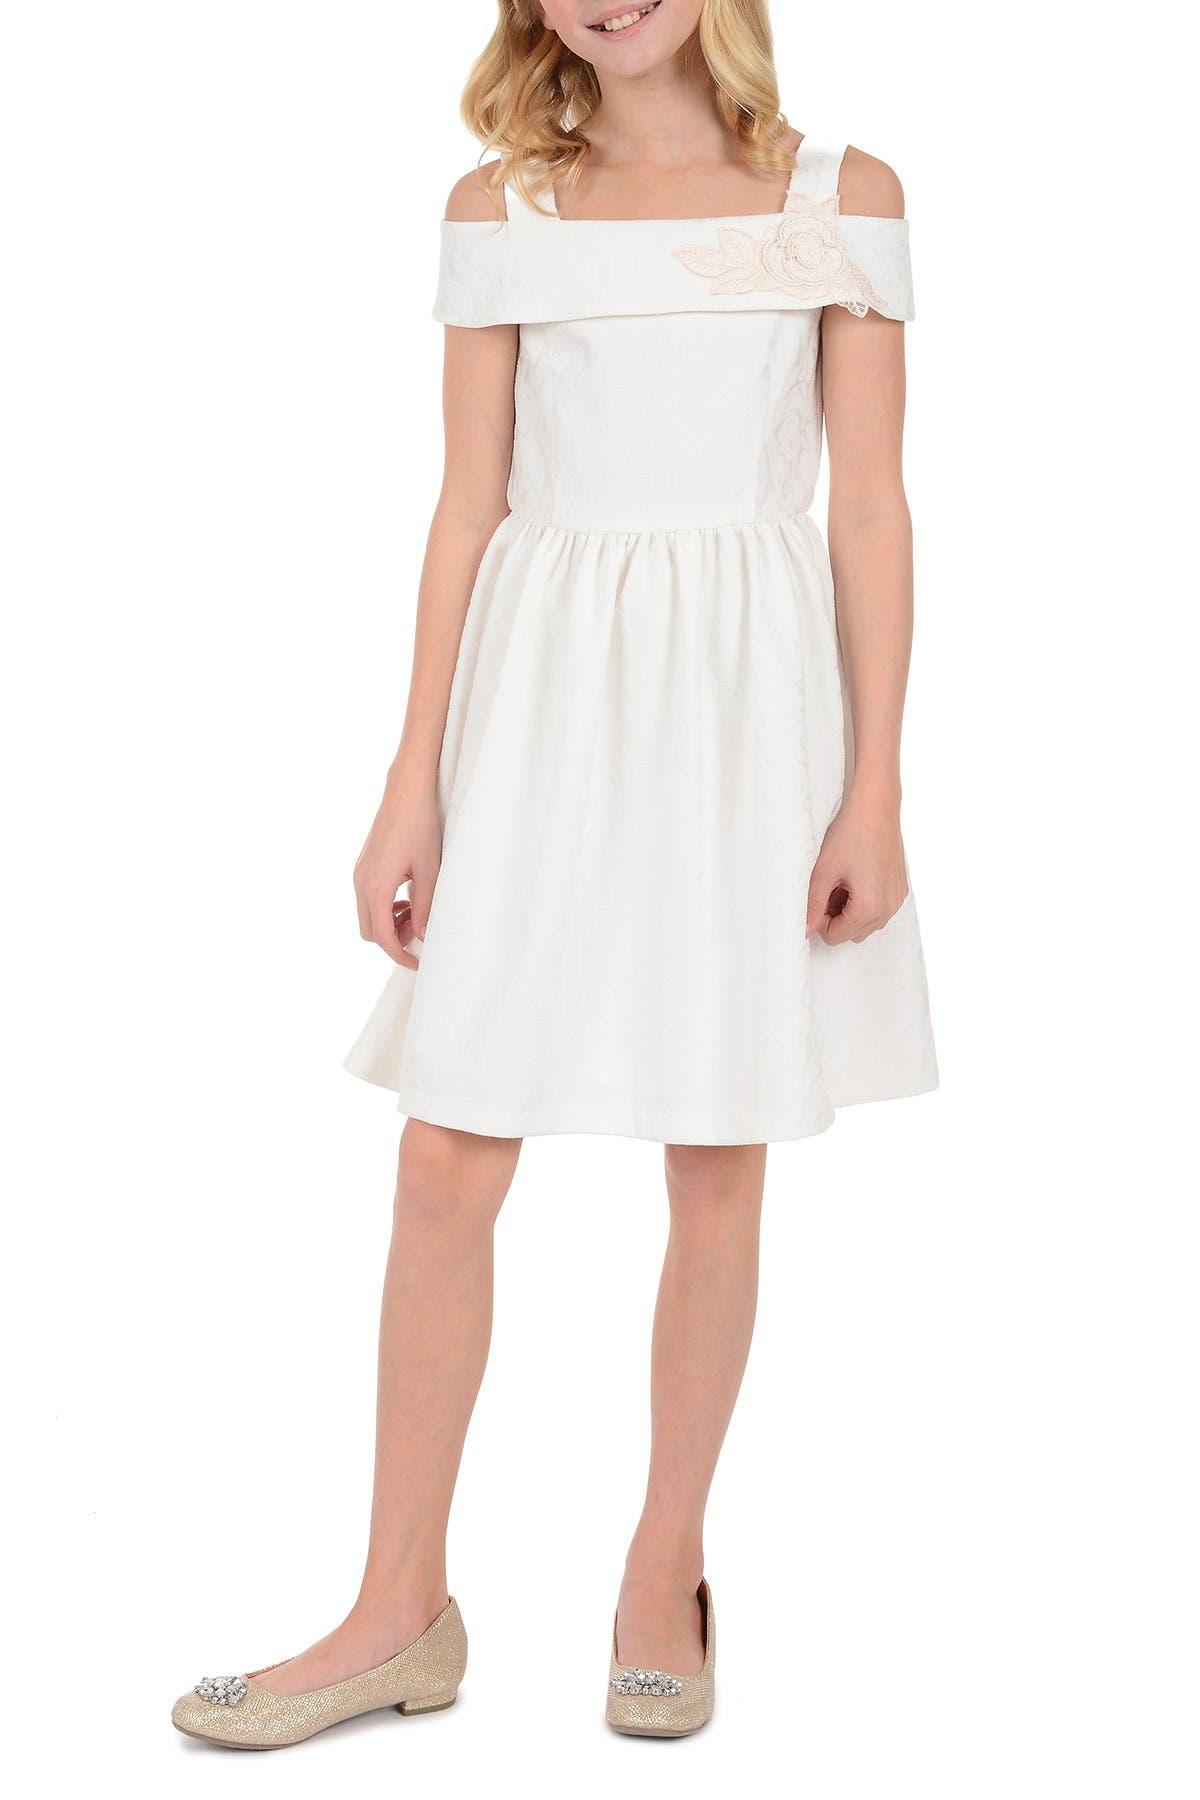 Image of Badgley Mischka Cold Shoulder Jacquard Dress